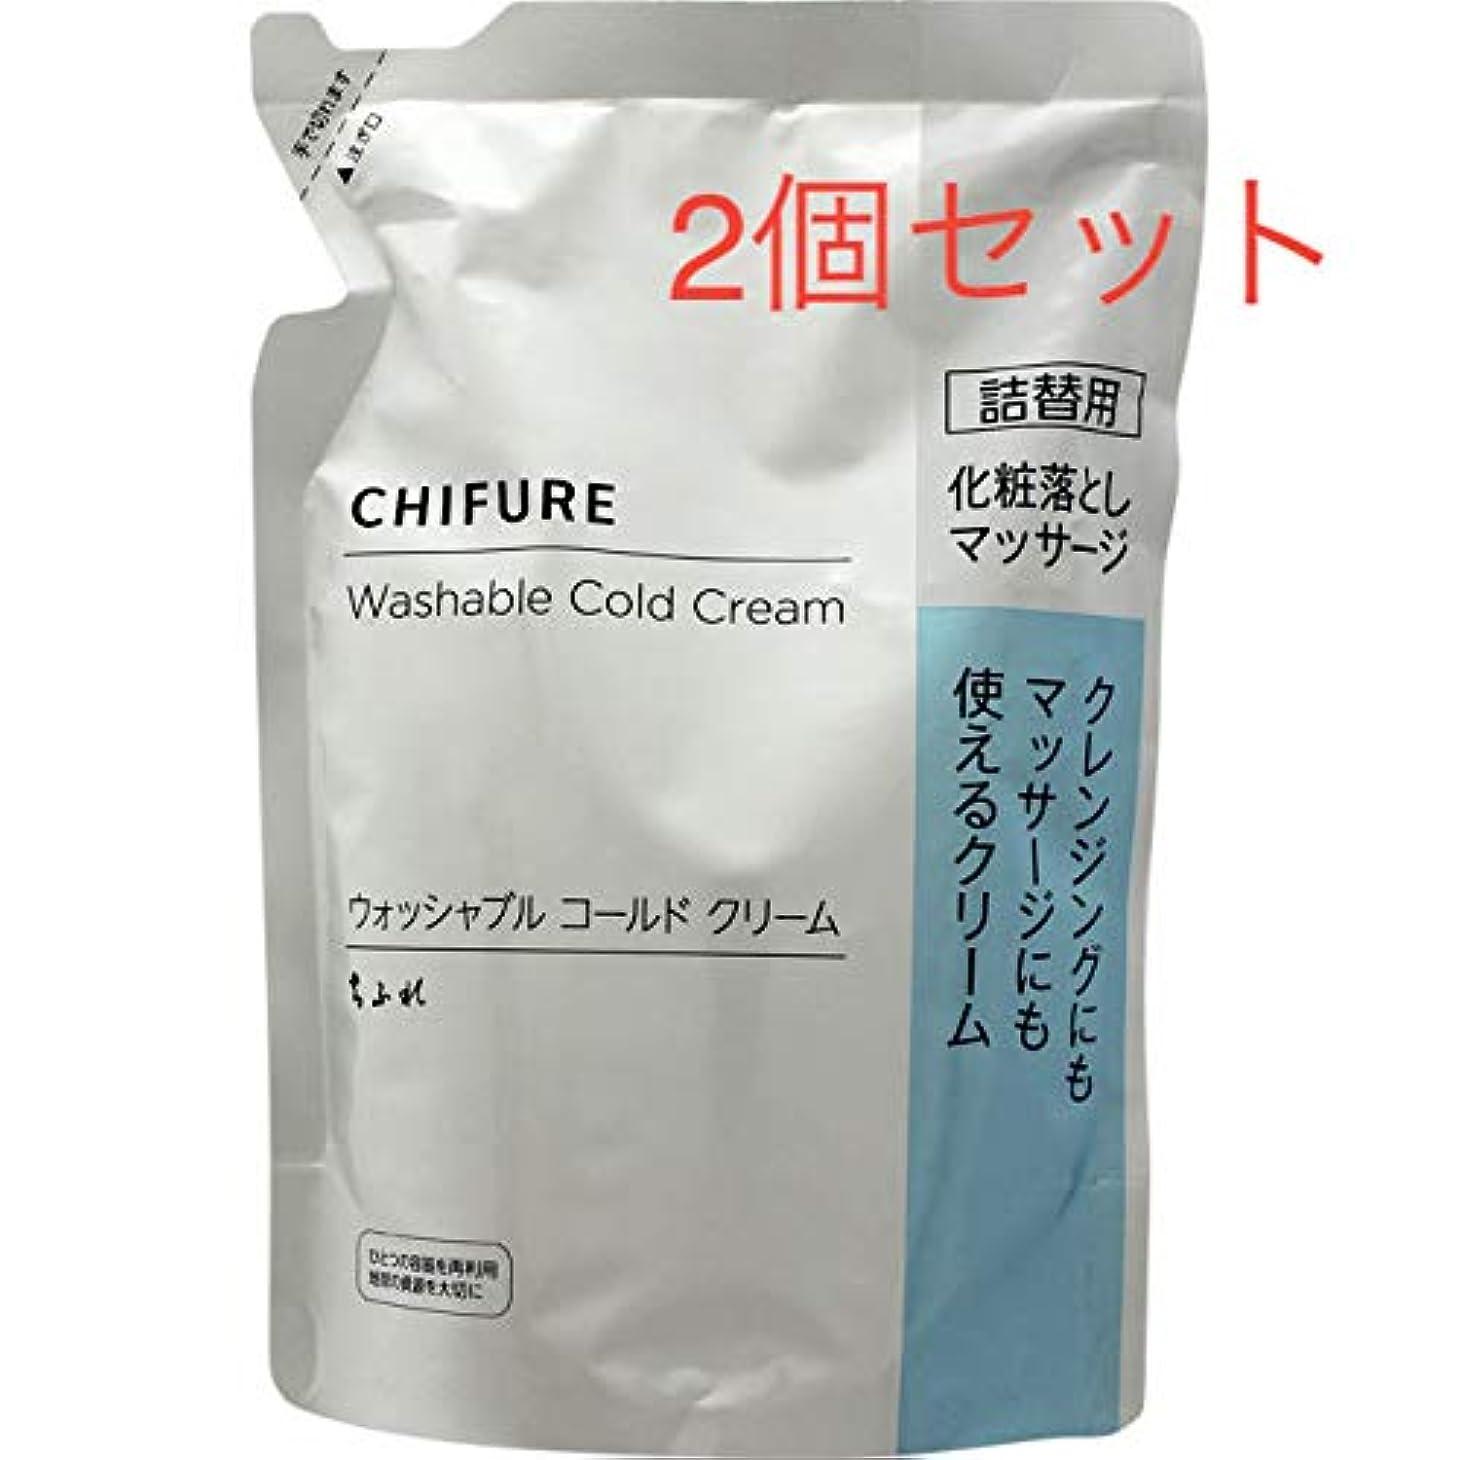 改修驚いたフラップちふれ化粧品 ウォッシャブルコールドクリームN詰替 300g 2個セット